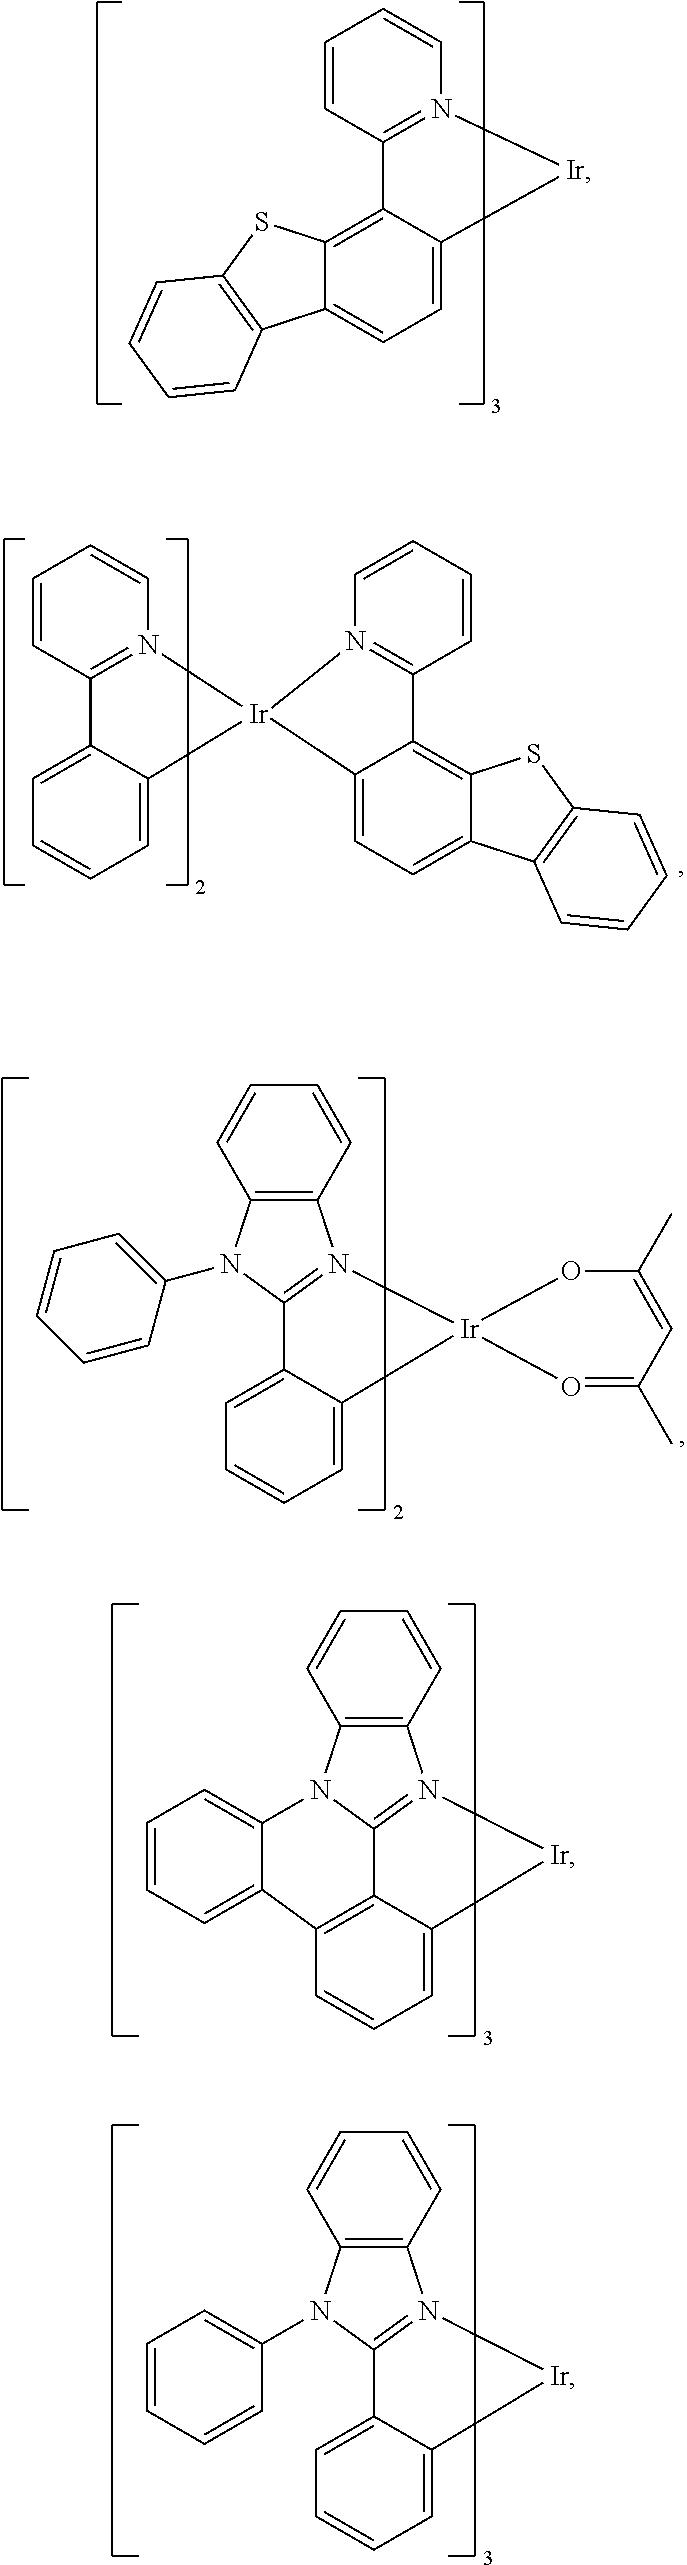 Figure US09859510-20180102-C00074